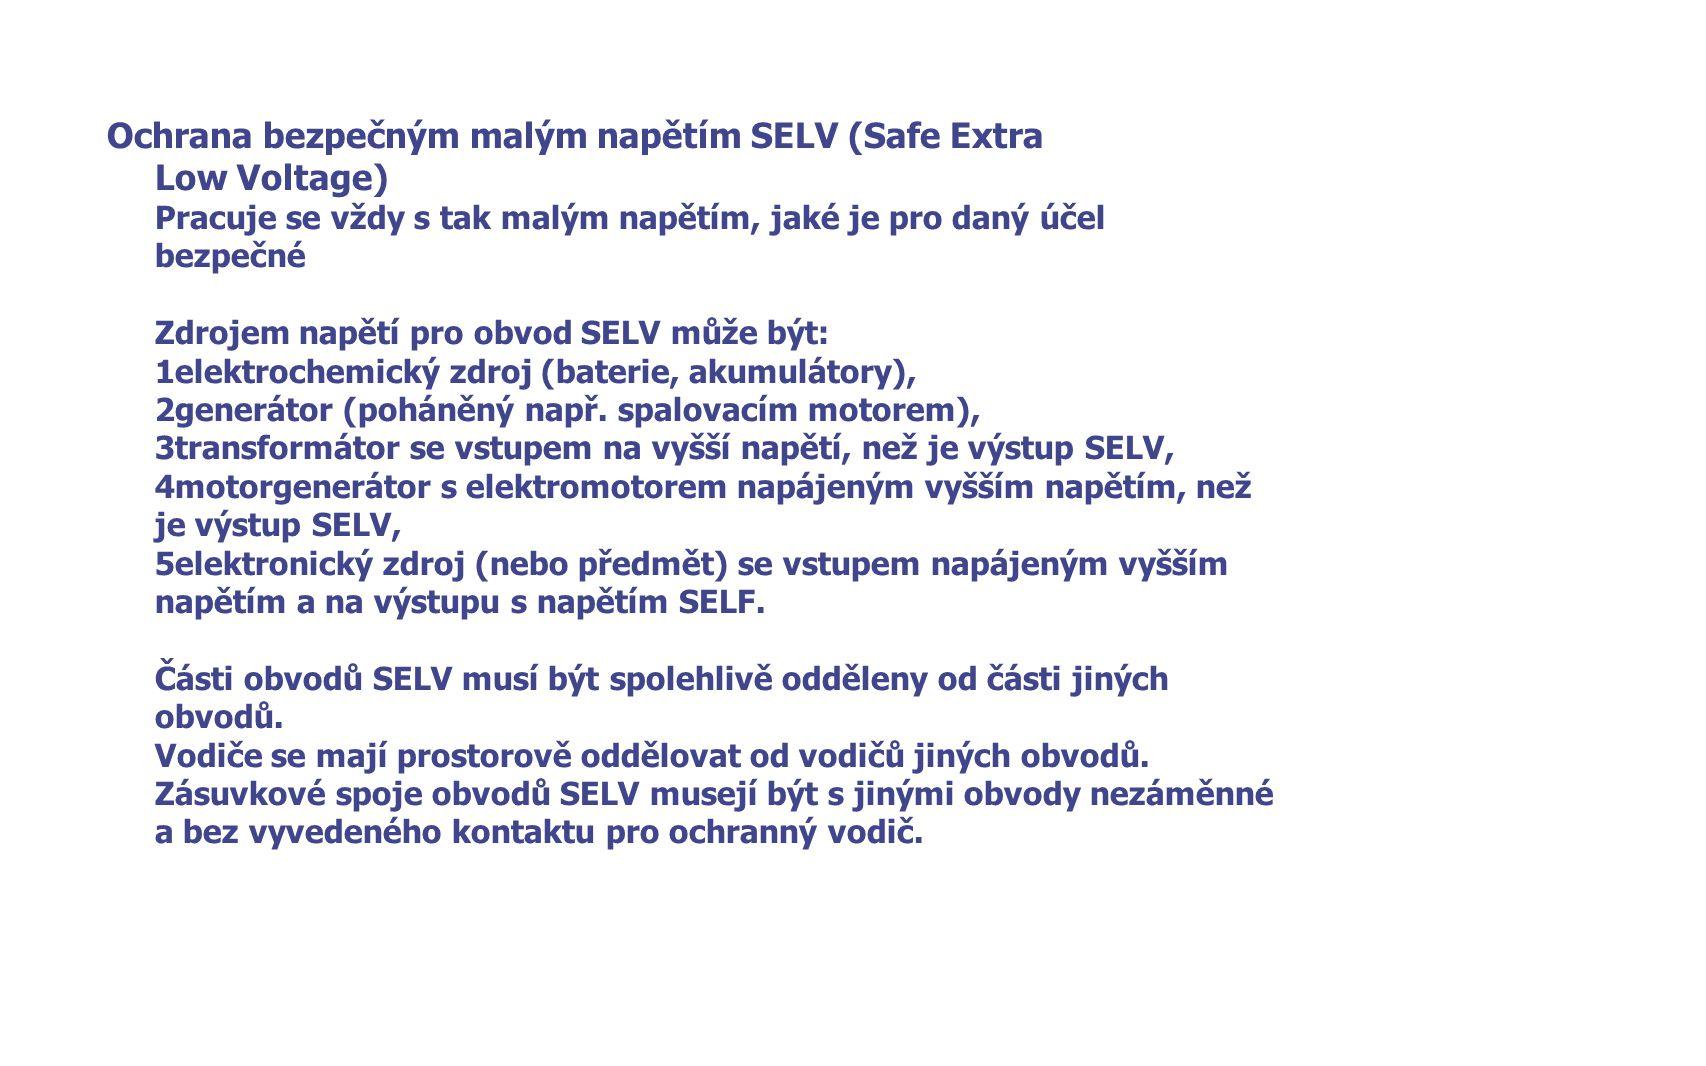 Ochrana bezpečným malým napětím SELV (Safe Extra Low Voltage)